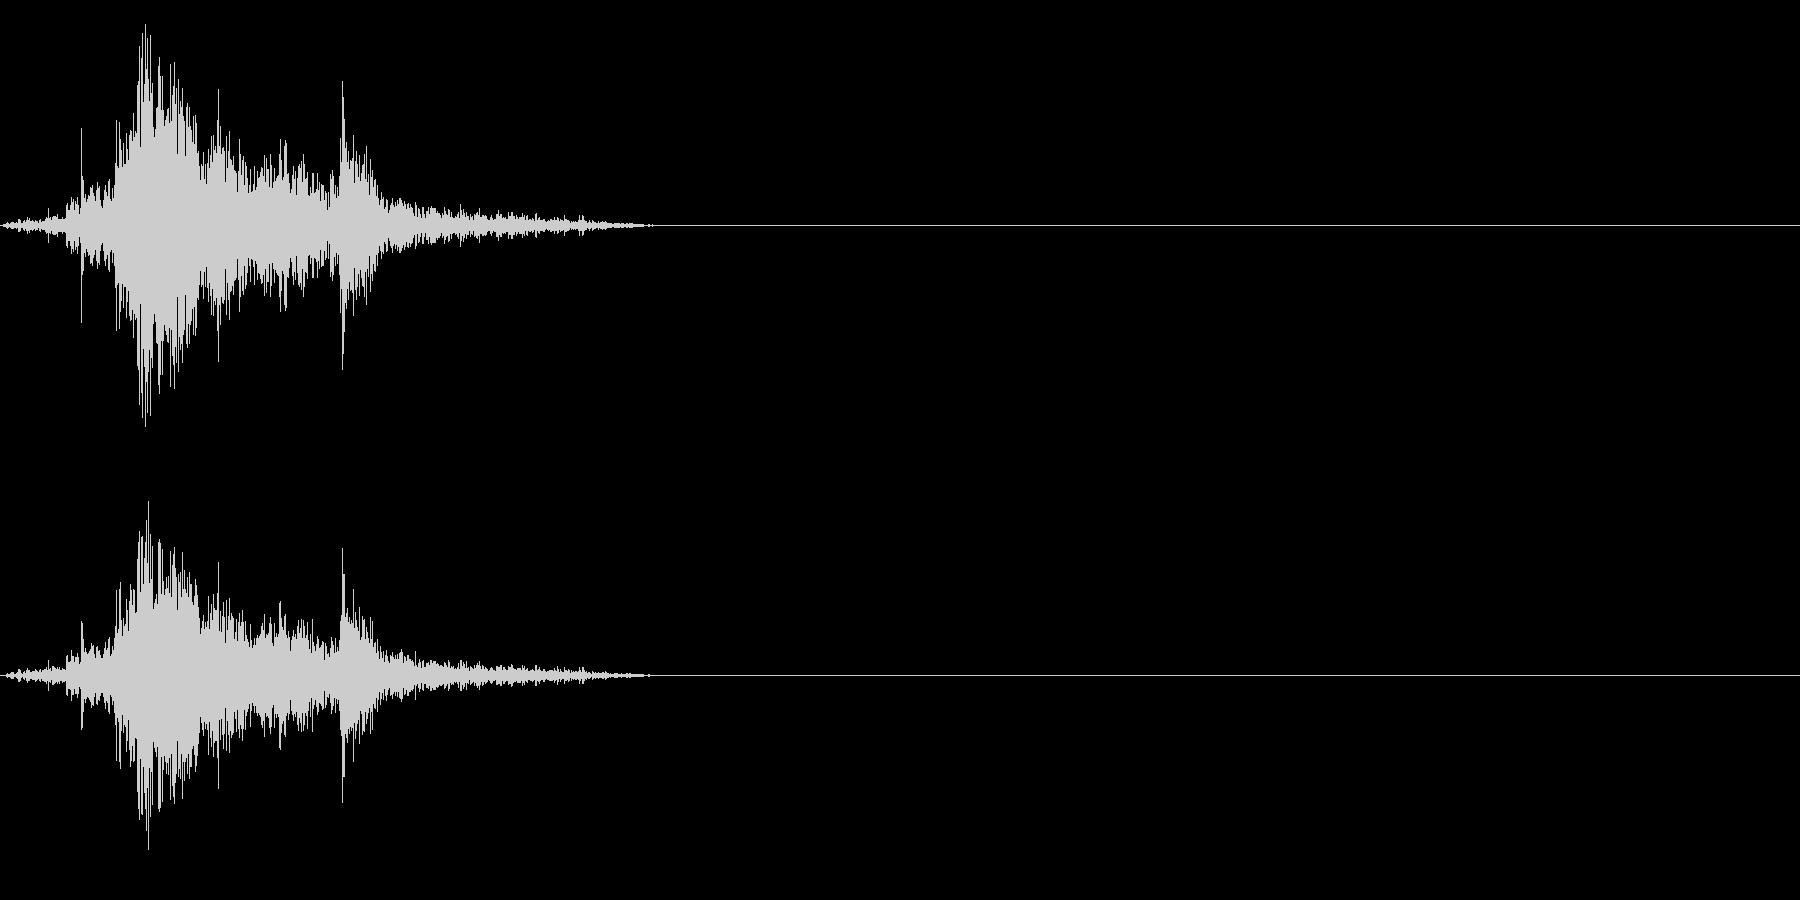 【生録音】古い木製のガラス戸を開ける音の未再生の波形